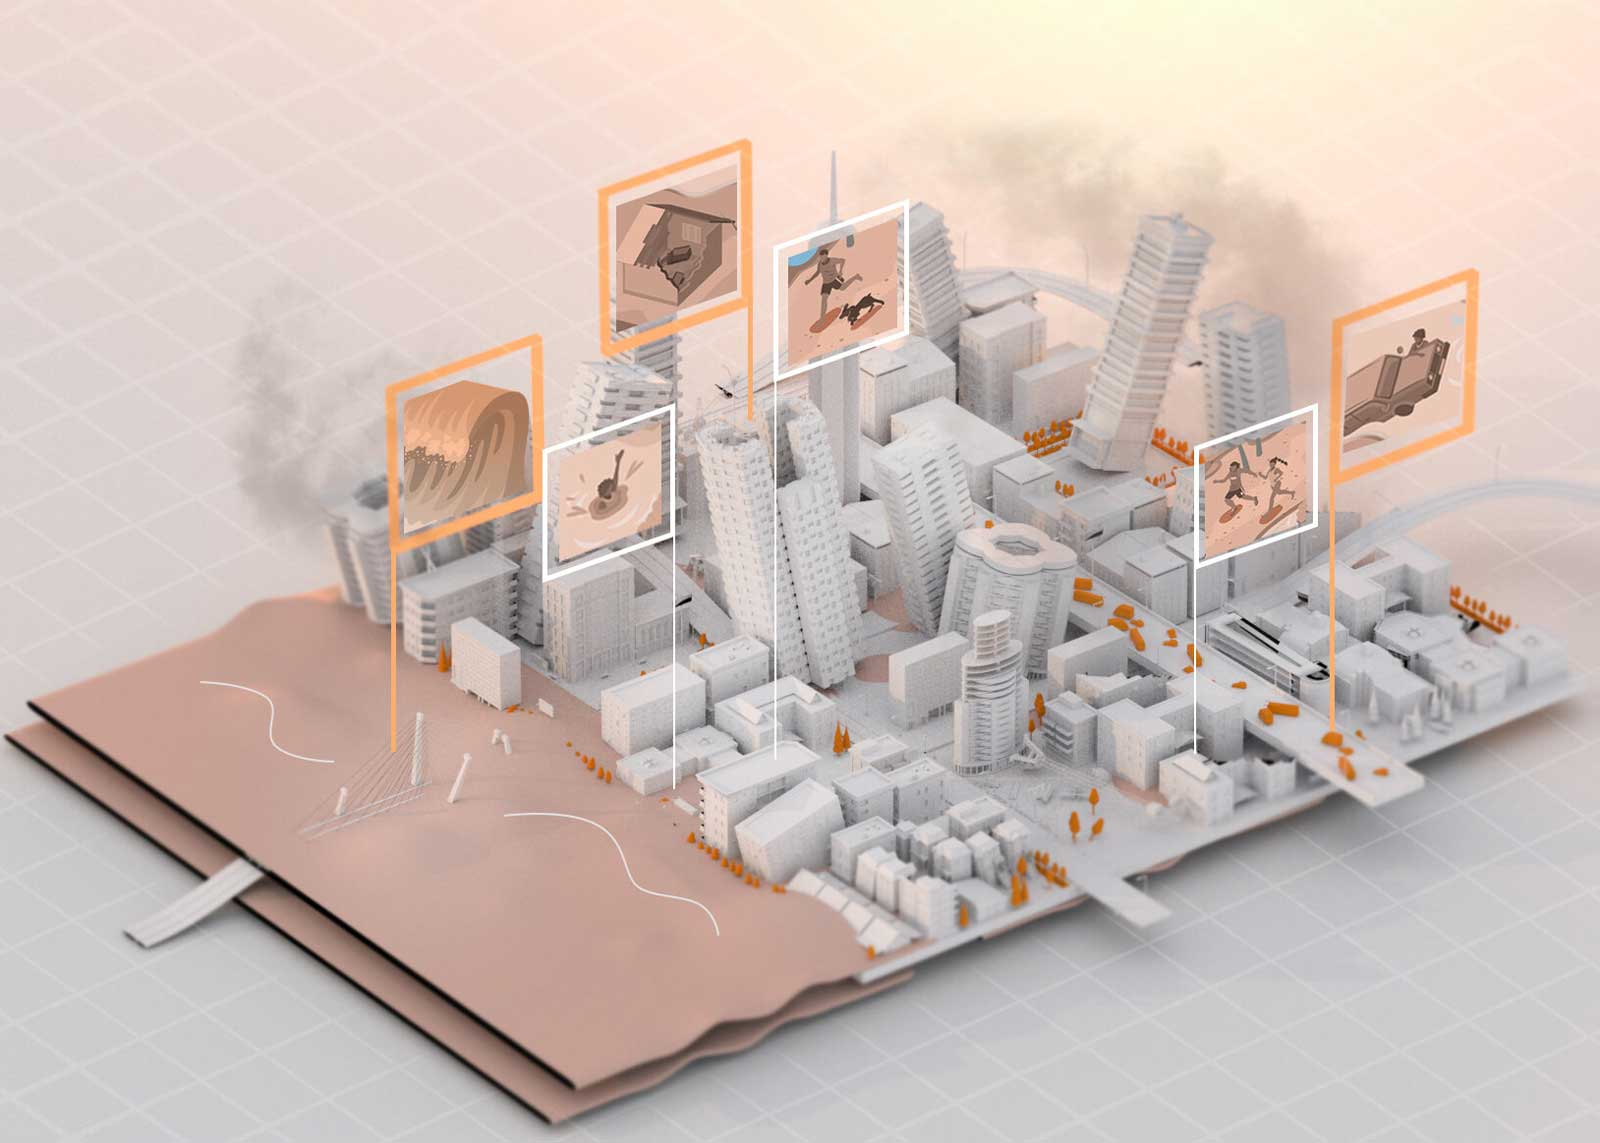 201201-rwi-synthetics-teaser-5x7-1600px.jpg